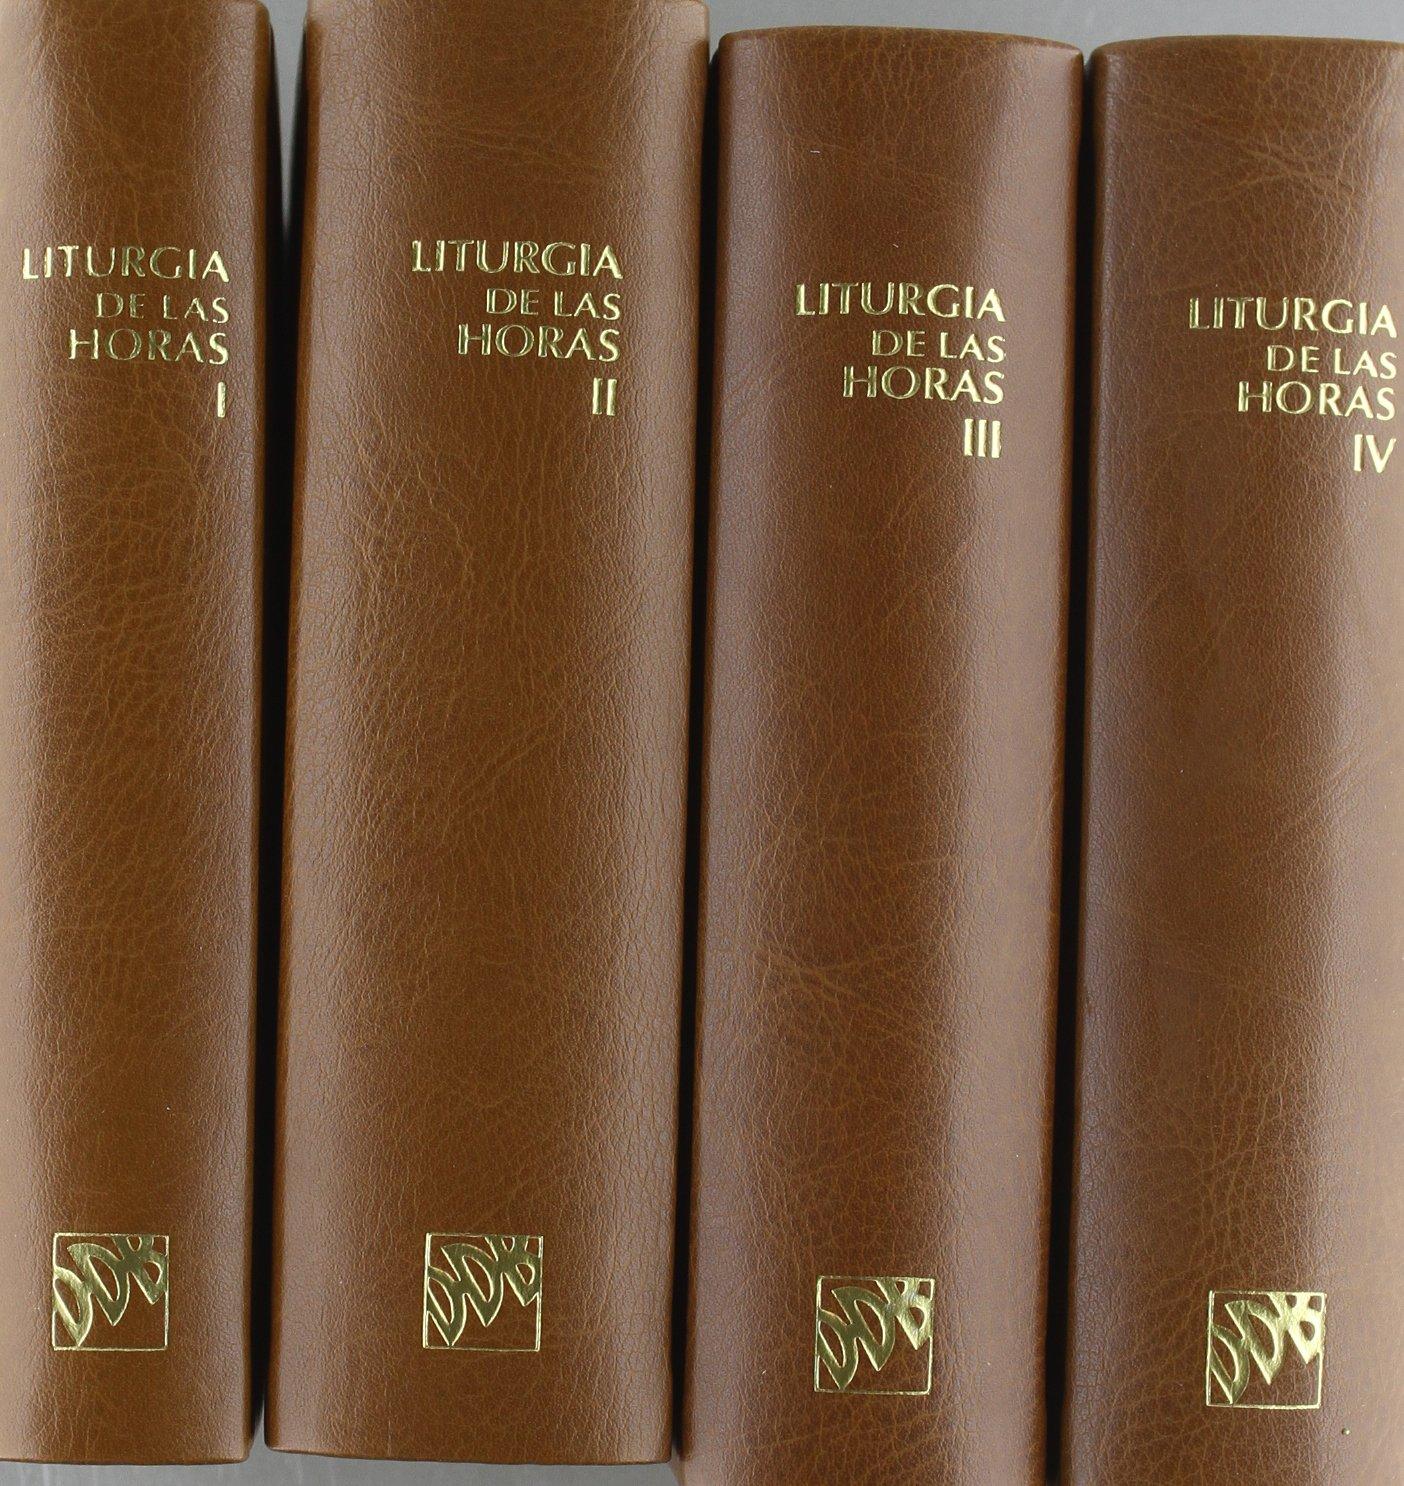 Liturgia de las horas, según el rito romano: Amazon.es: Conferencia Epsicopal de México, Conferencia Epsicopal de Colombia: Libros